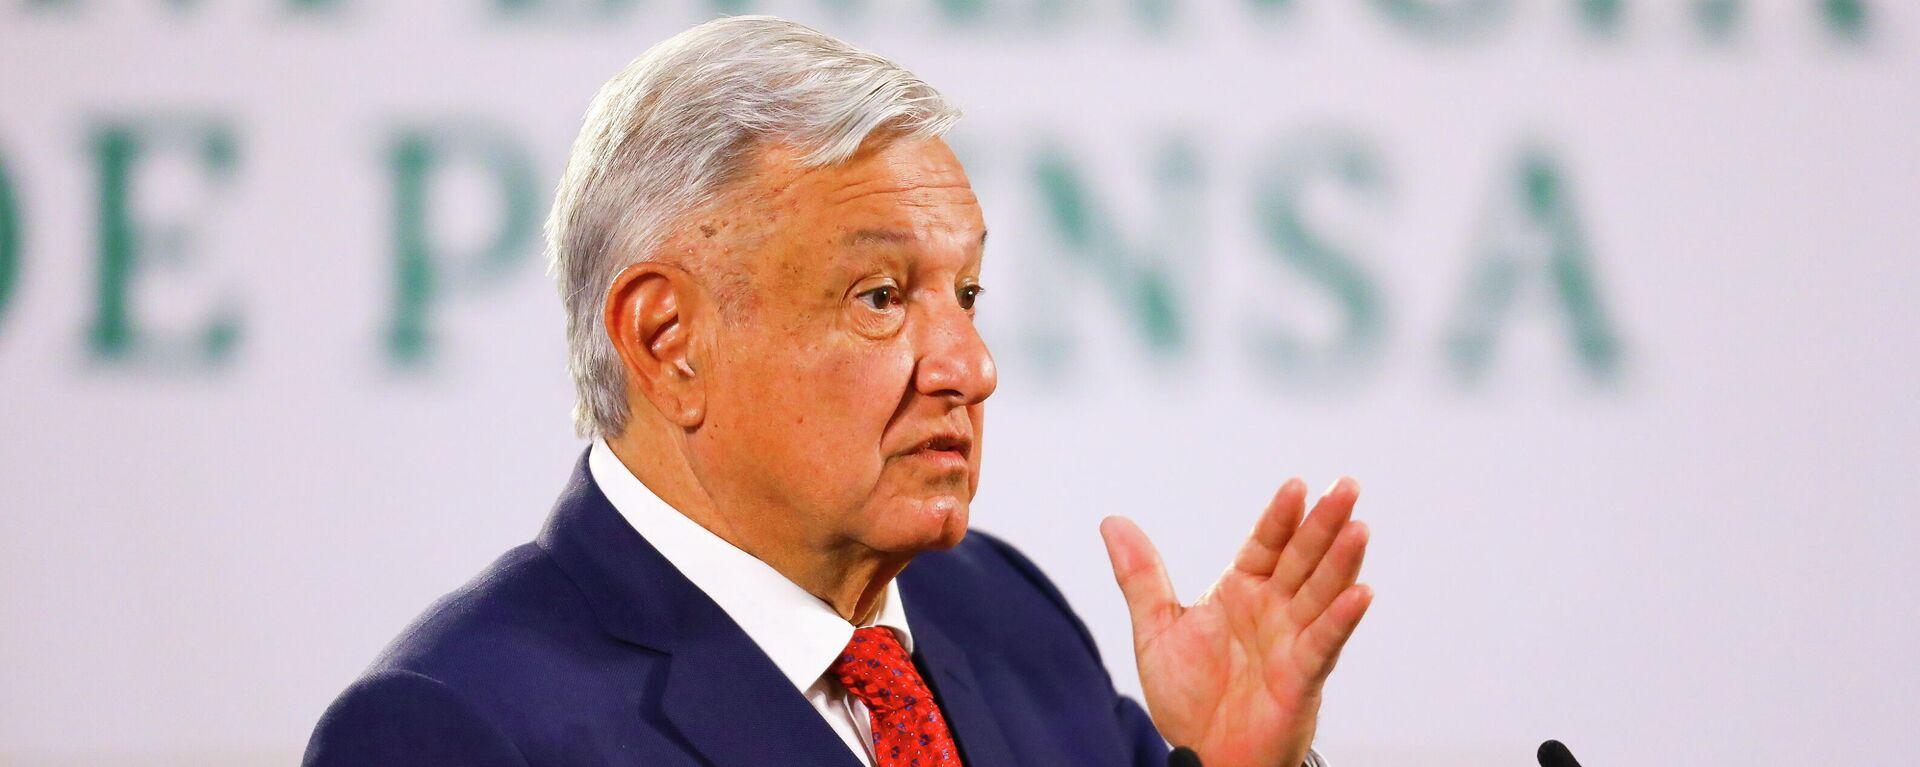 Andrés Manuel López Obrador, presidente de México - Sputnik Mundo, 1920, 14.04.2021